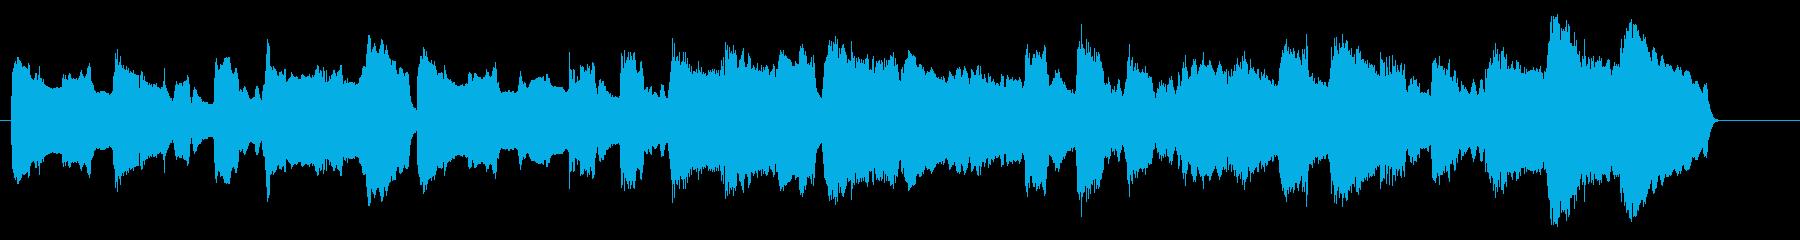 さわやかな感じ 春の小川 Pf.+Fl.の再生済みの波形